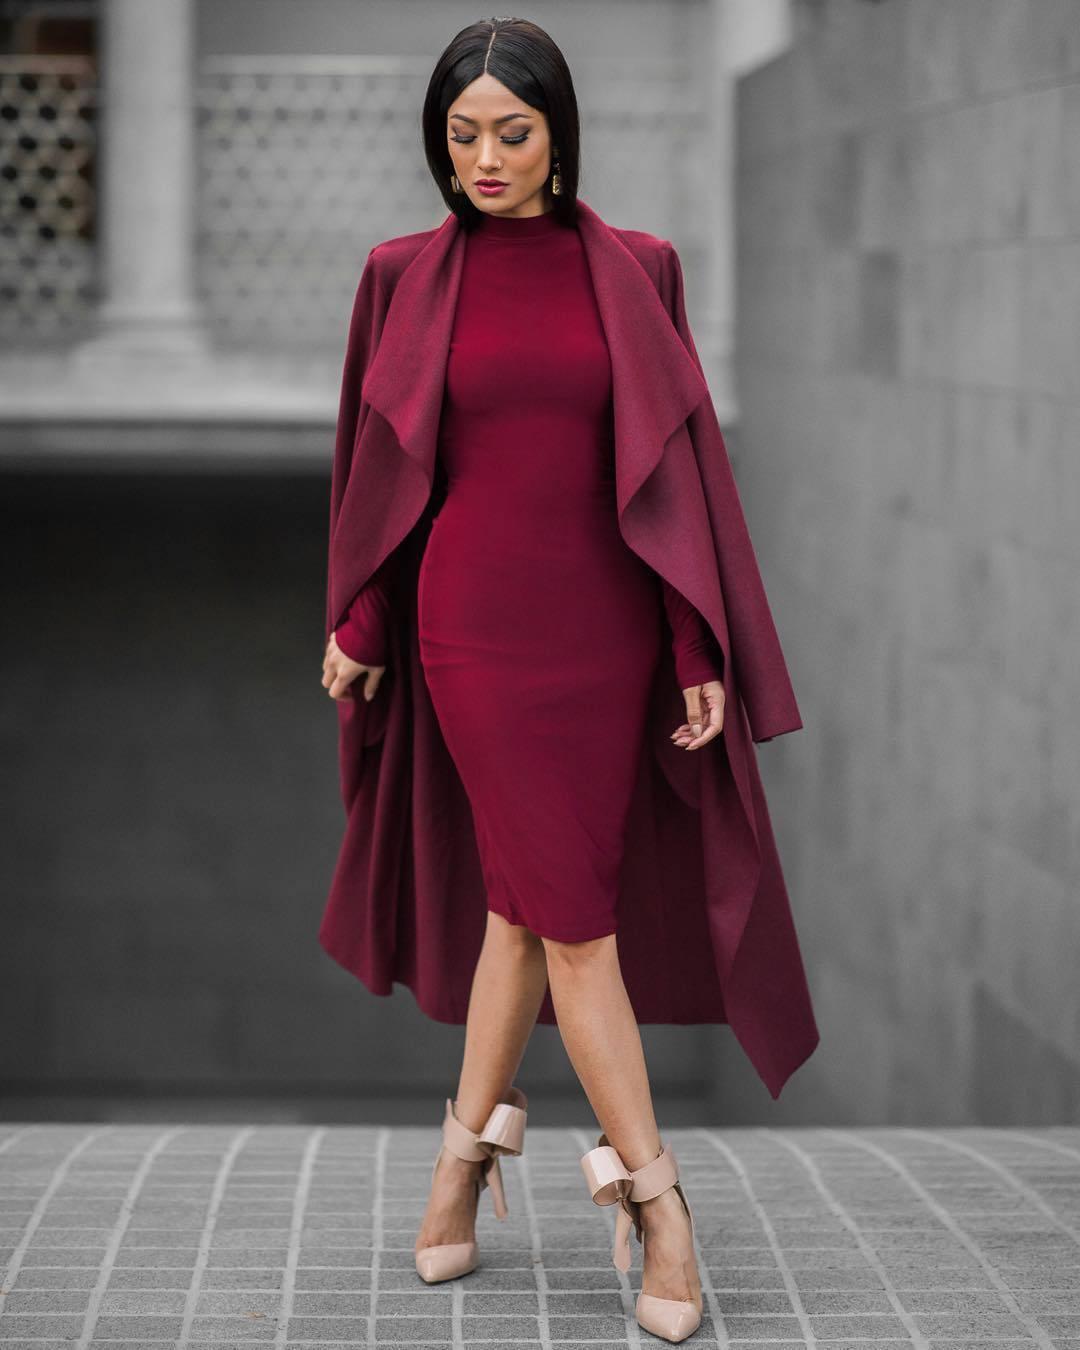 trang phục dự tiệc đỏ burgundy cho mùa lễ hội